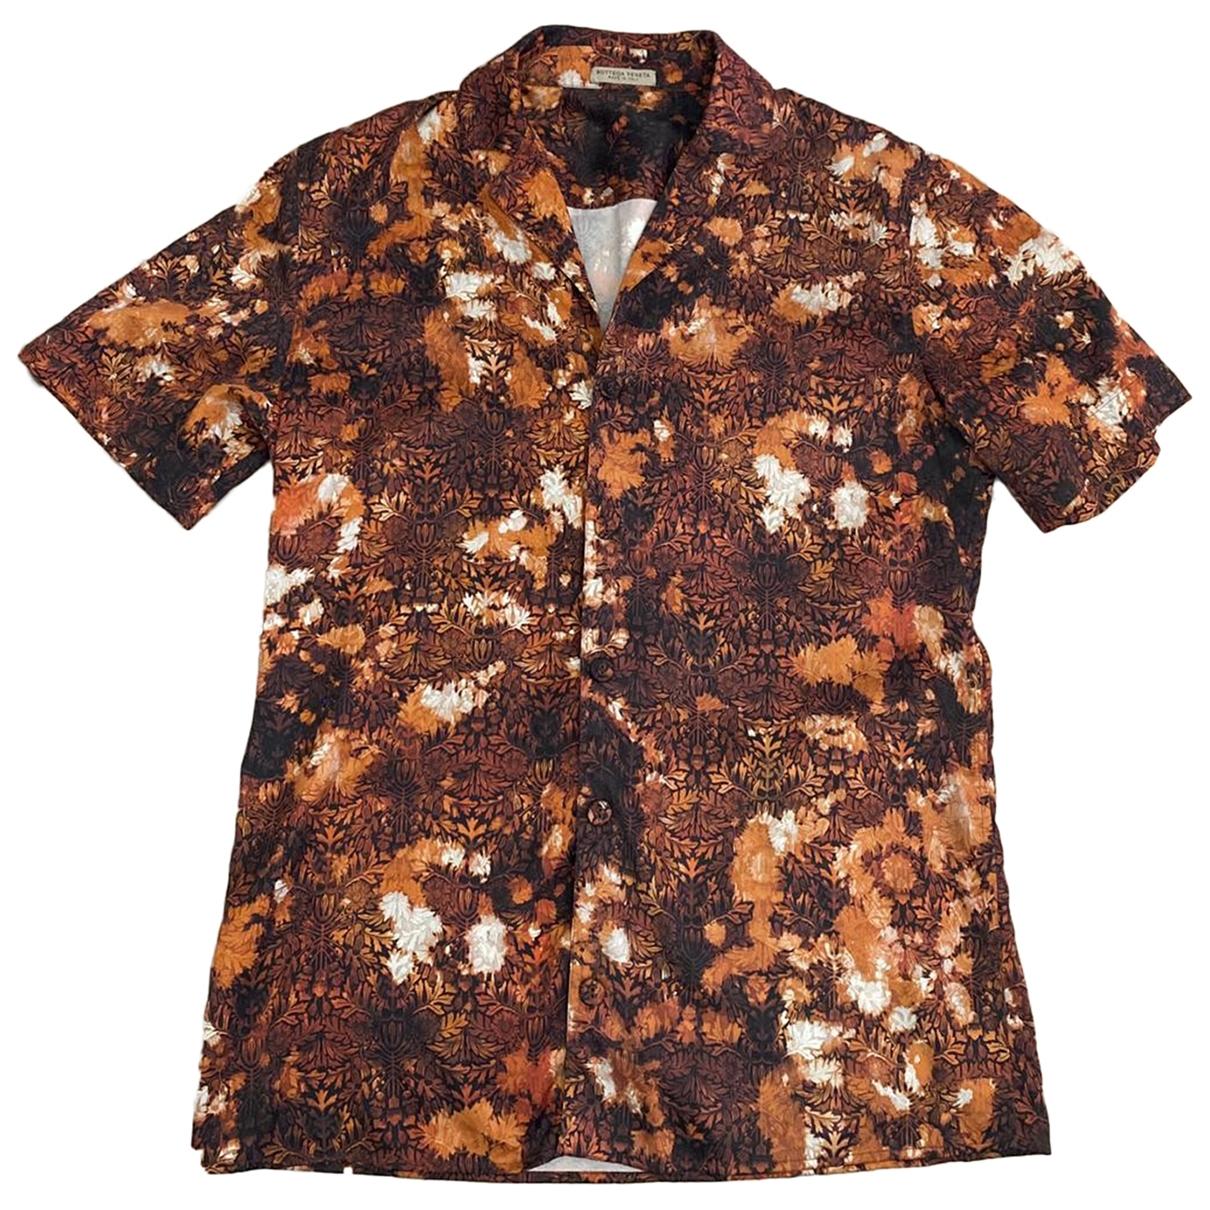 Bottega Veneta - Chemises   pour homme en soie - multicolore